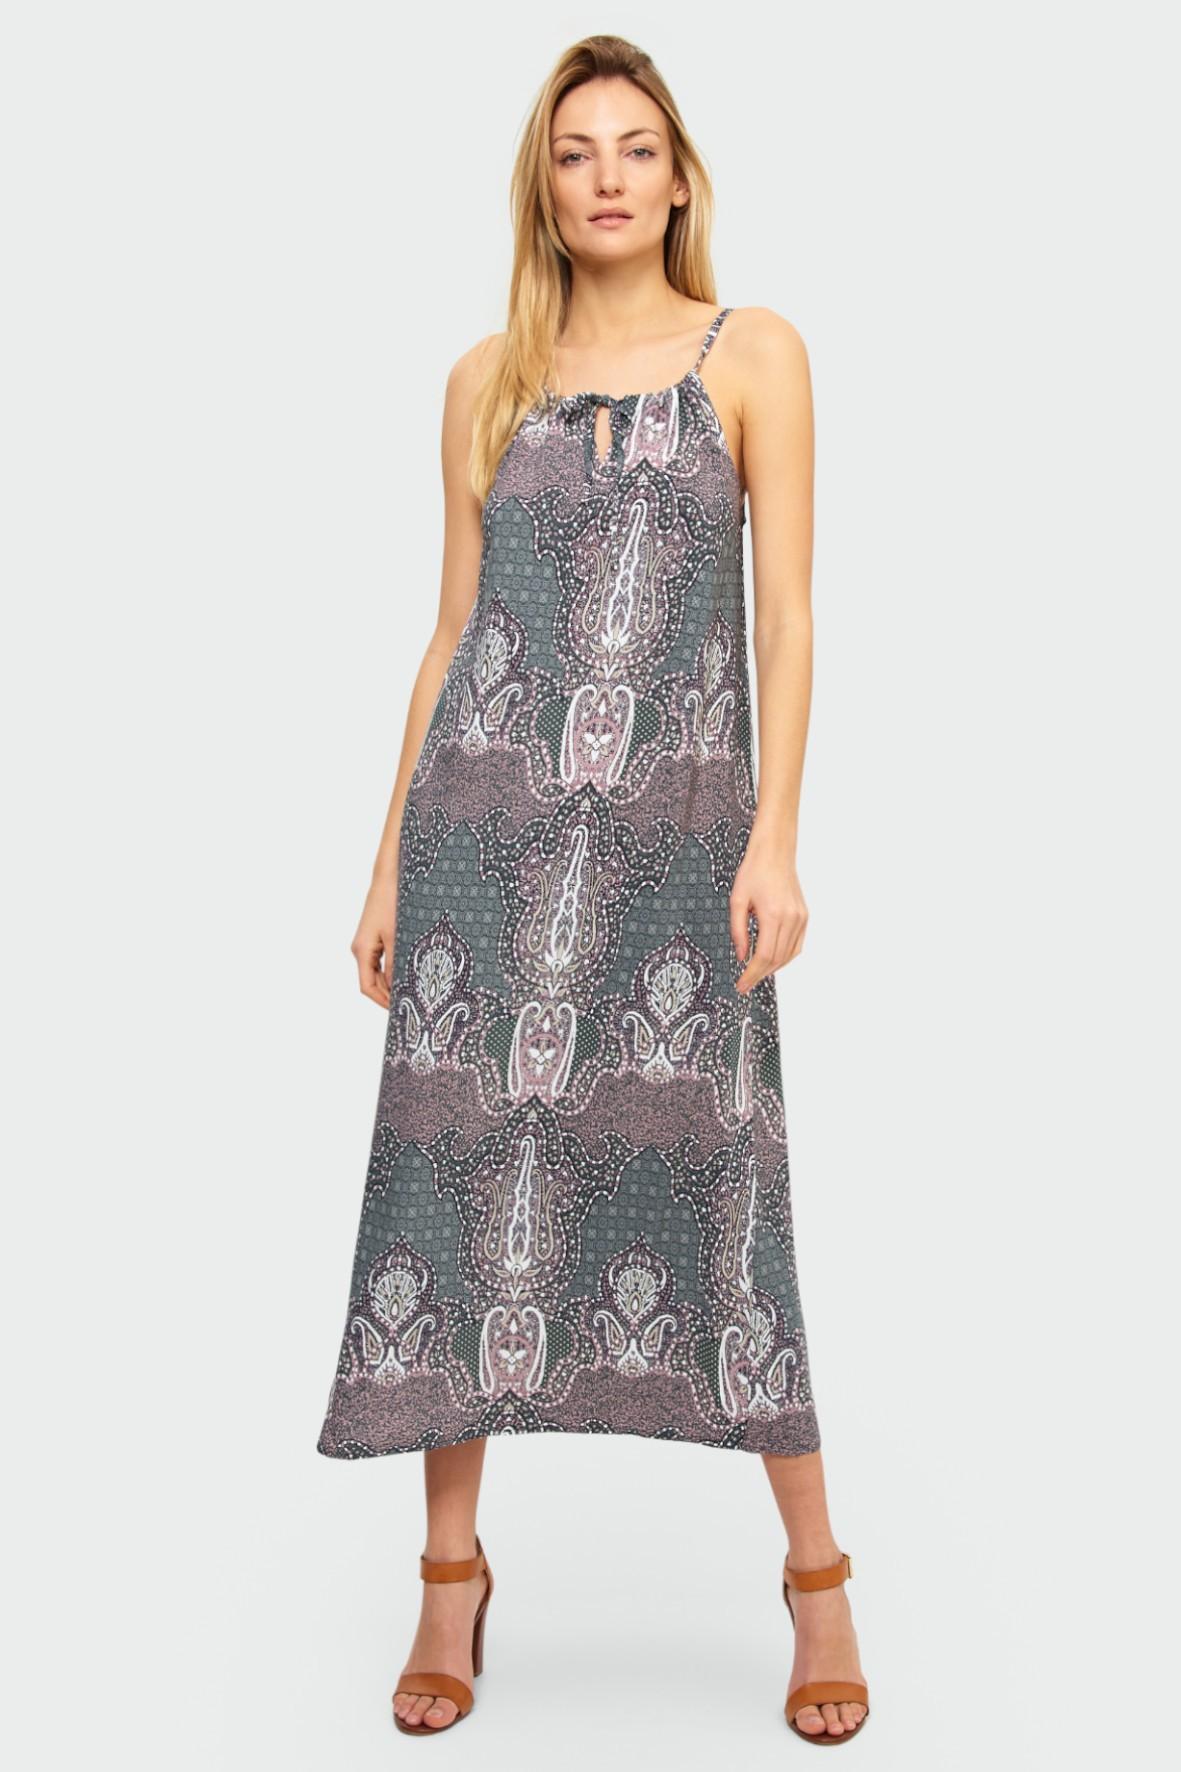 Wiskozowa długa sukienka damska z nadrukiem - luźny krój